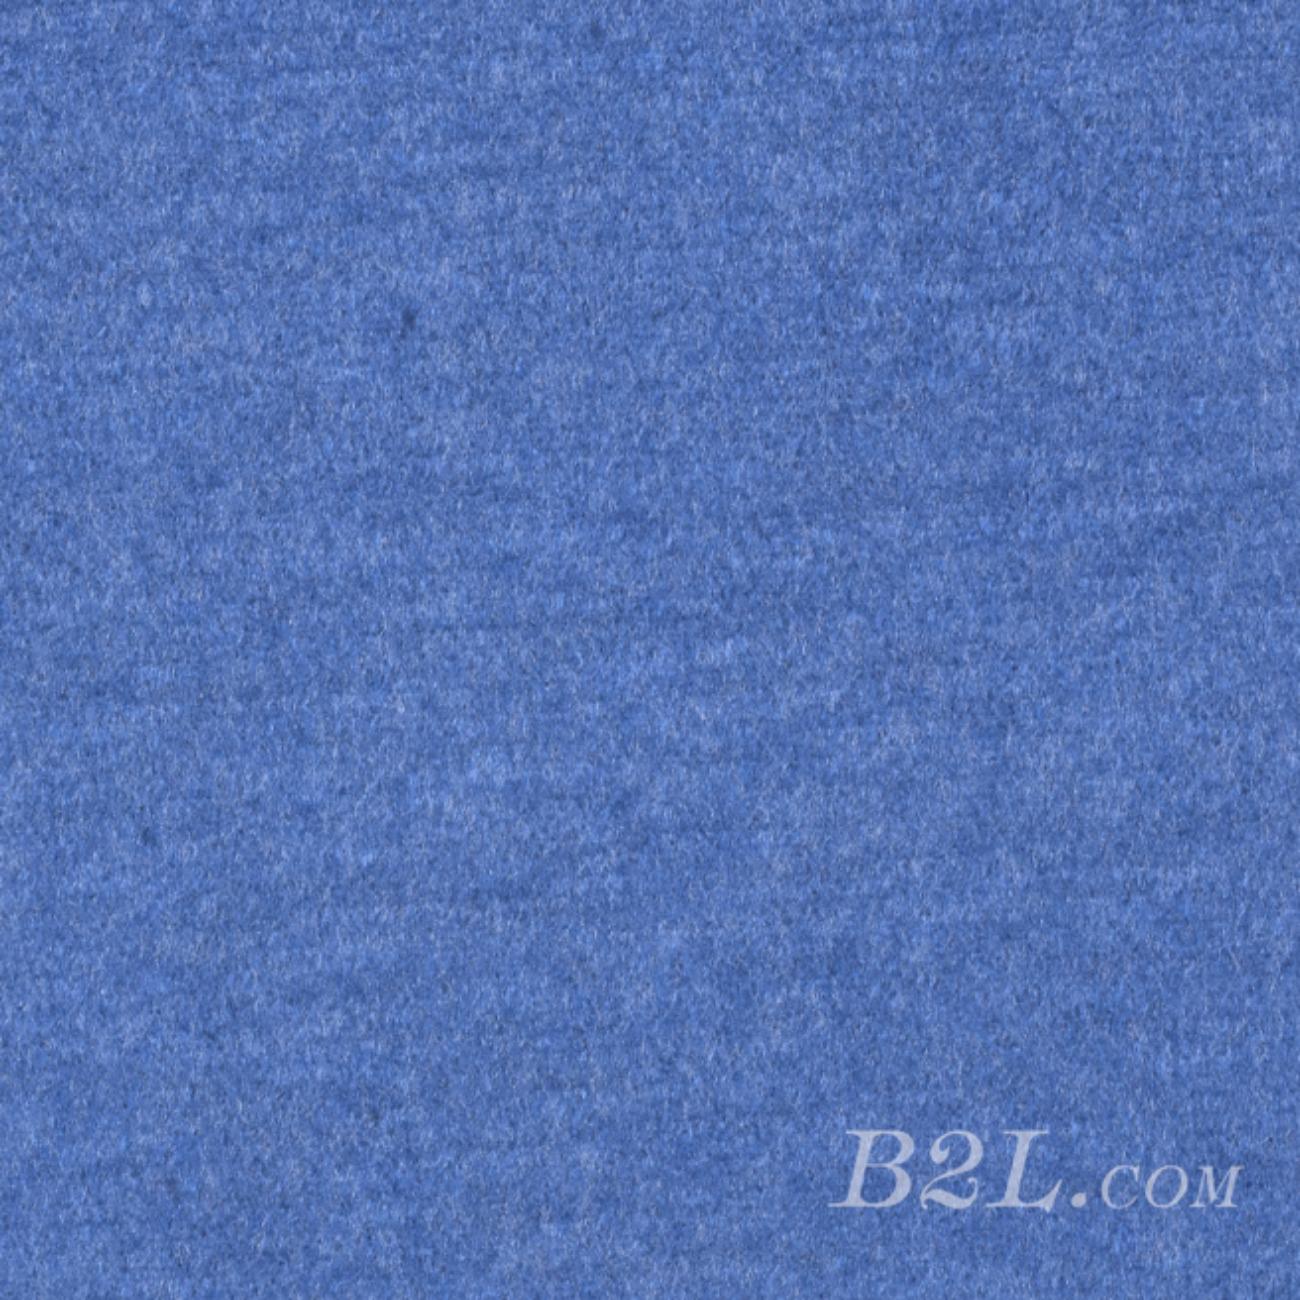 素色 针织 弹力 绒感 春秋 T恤 时装 外套 90912-29